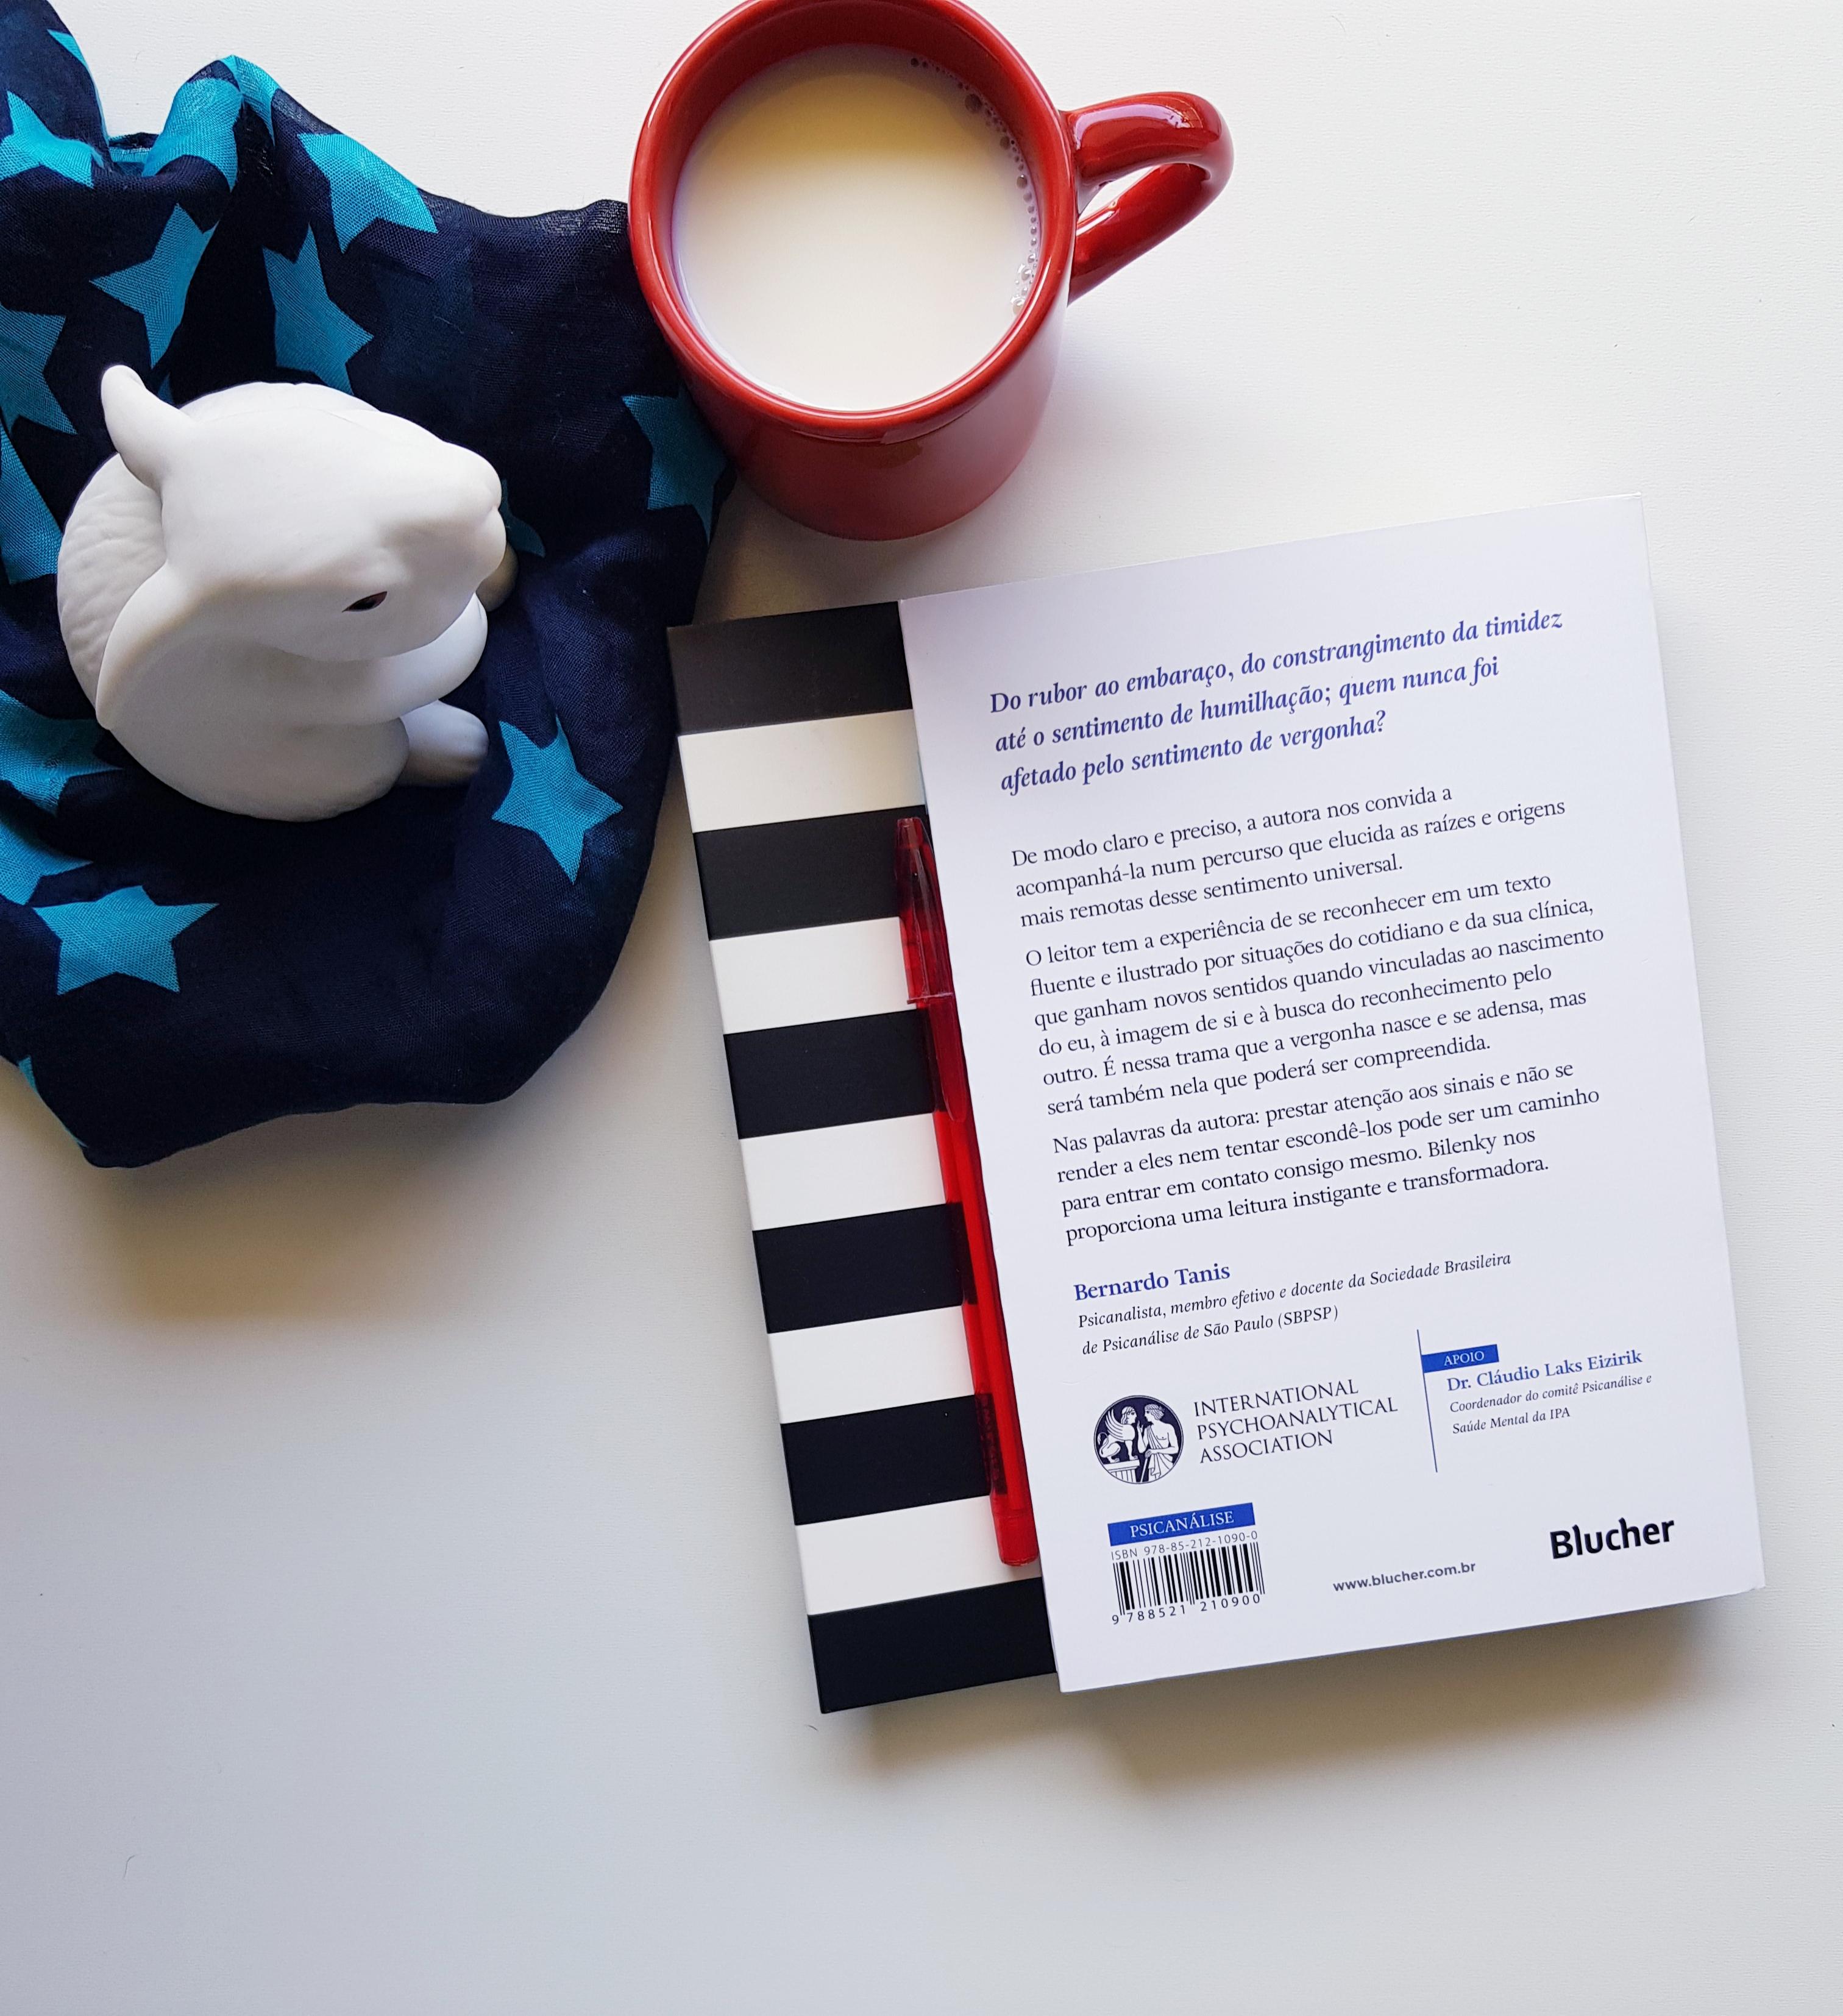 Livro De Psicanálise: Vergonha – Série O Que Fazer? - blog de psicologia Melkberg - autora - livro - psicanálise - sentimento - vergonha - vergonha série o que fazer